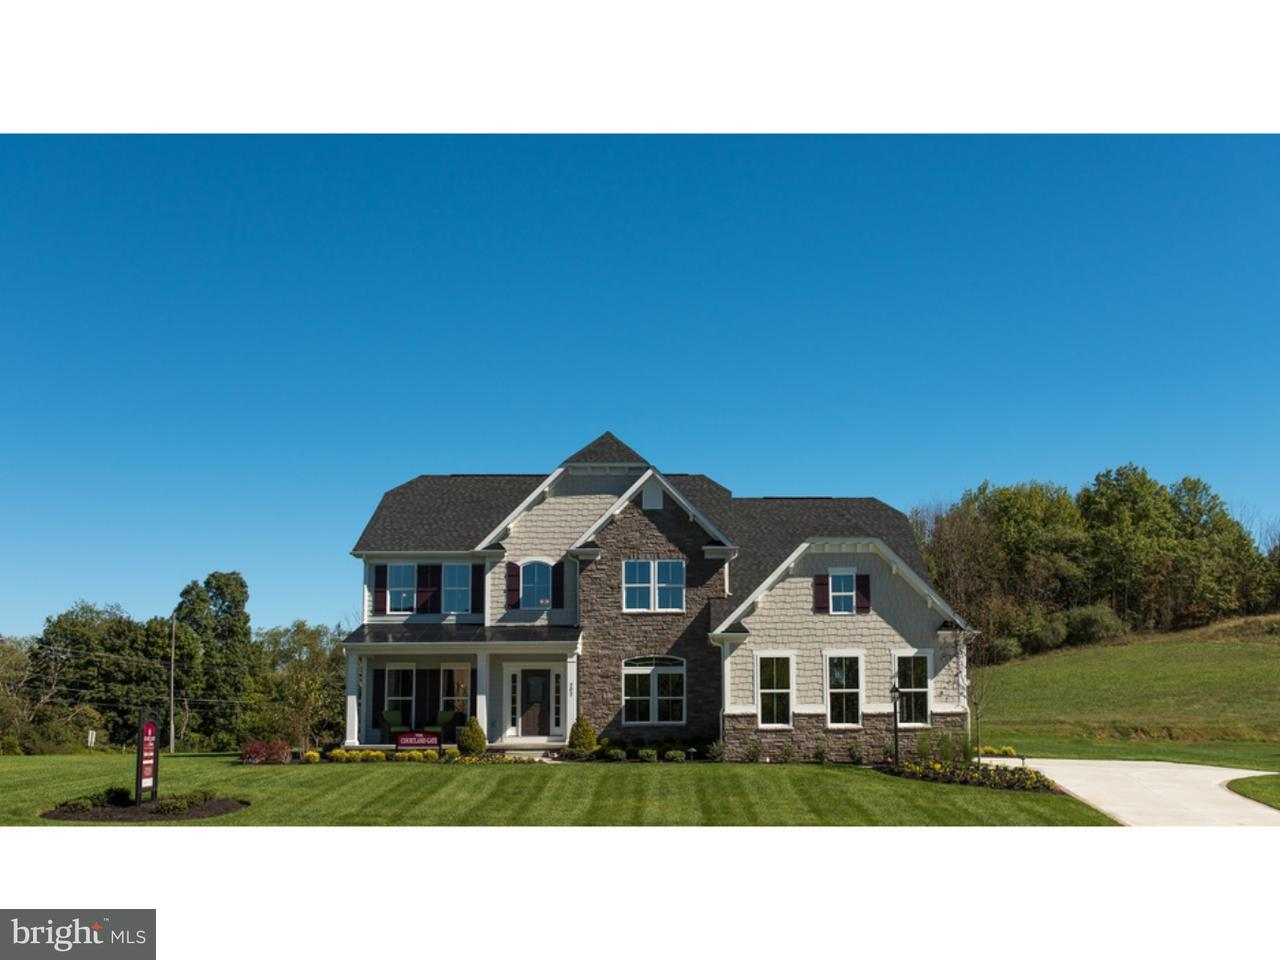 Частный односемейный дом для того Продажа на 5 PEAR TREE Court Delran Township, Нью-Джерси 08075 Соединенные Штаты